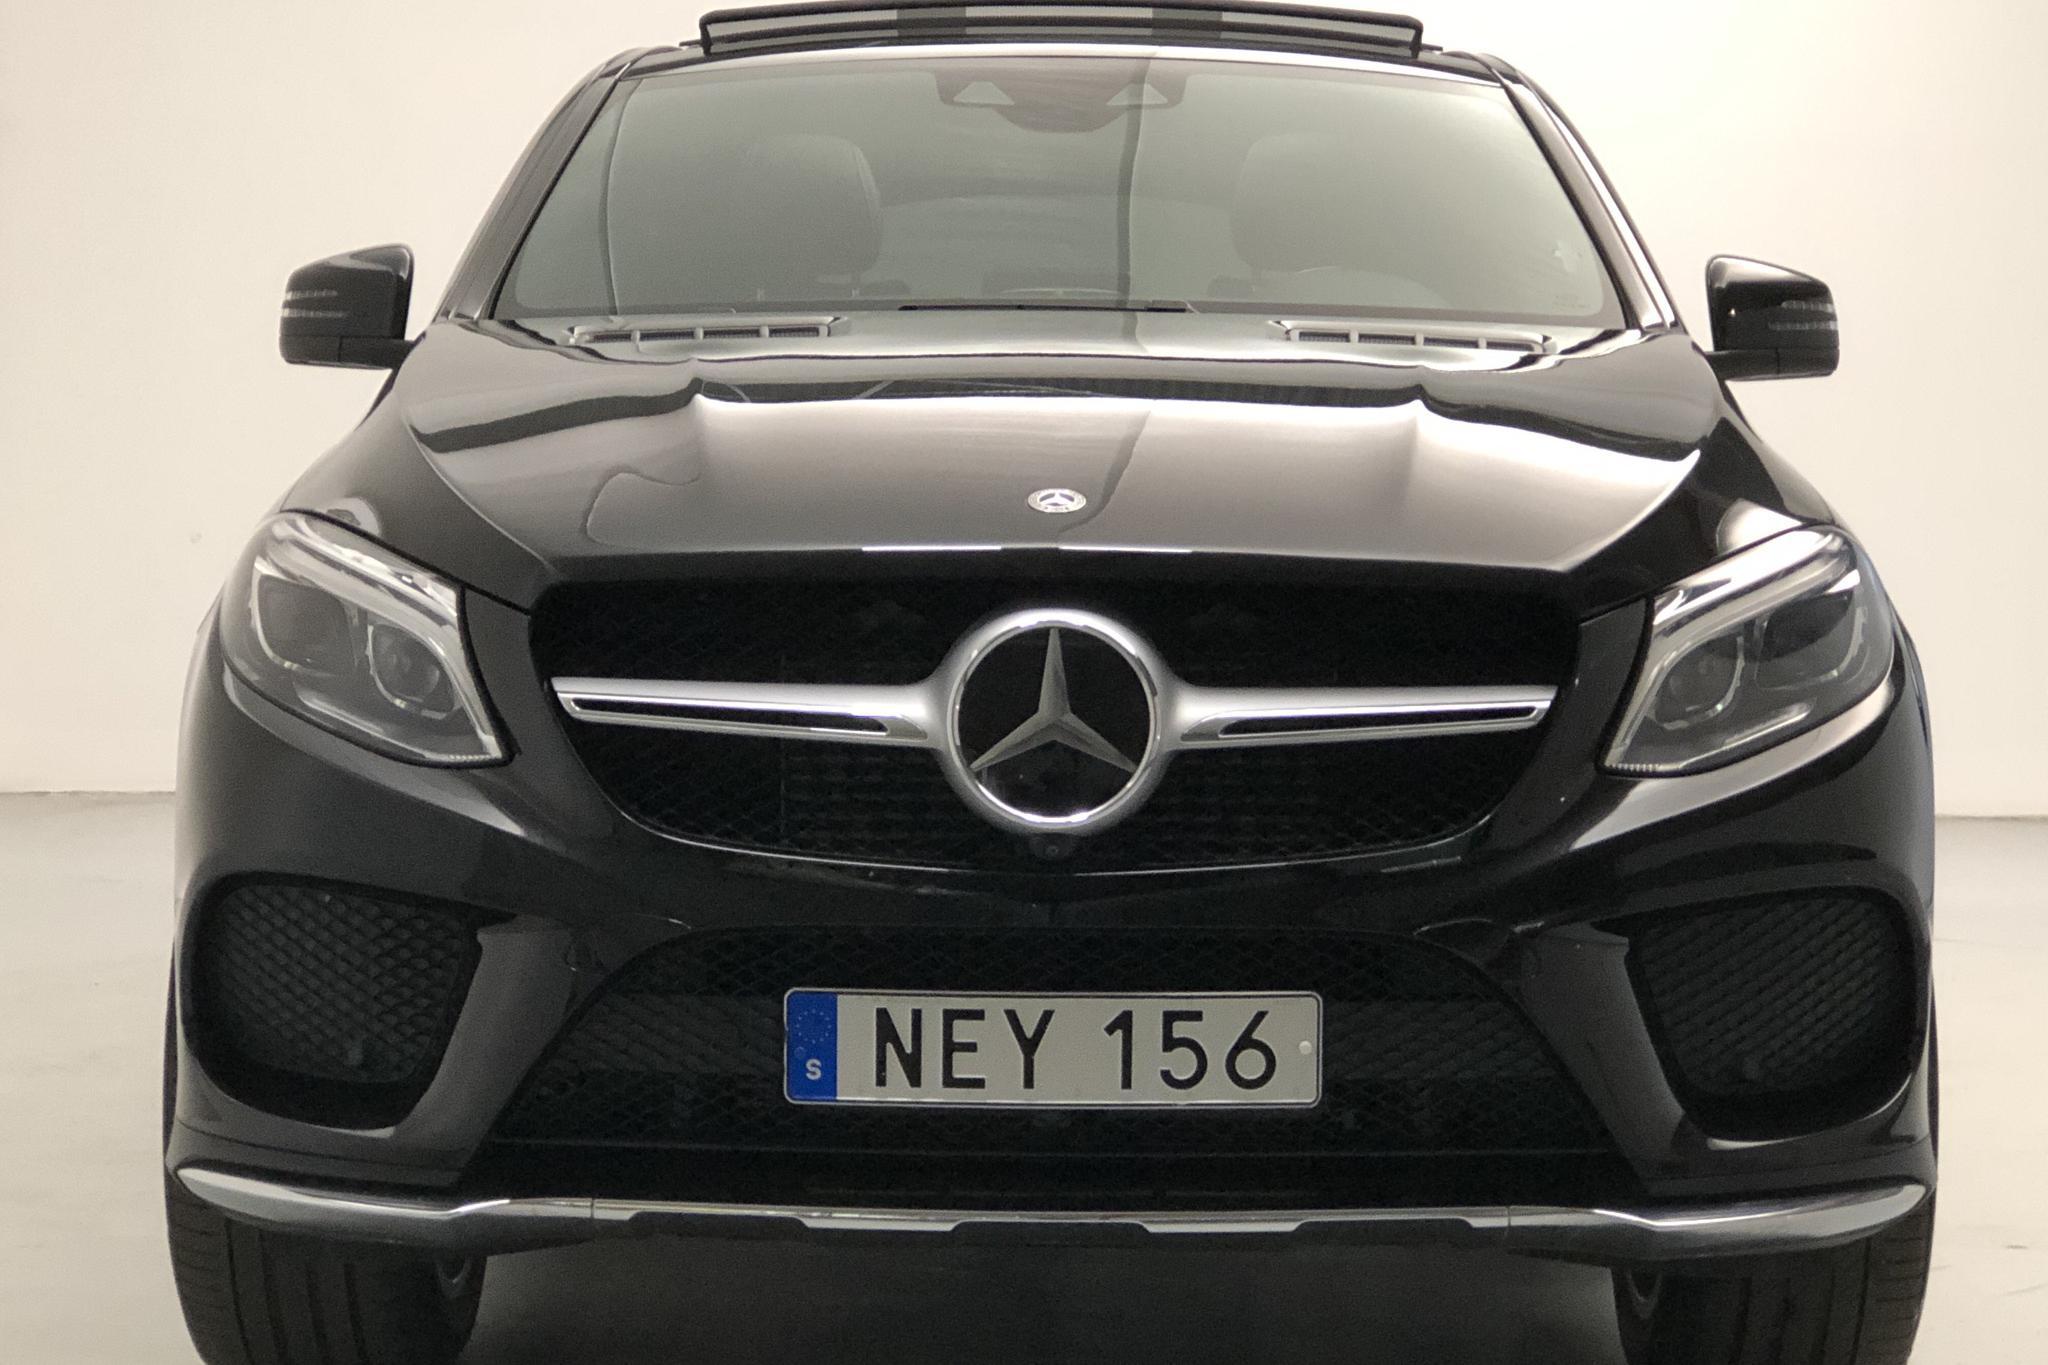 Mercedes GLE 350 d 4MATIC Coupé C292 (258hk) - 4 652 mil - Automat - svart - 2019